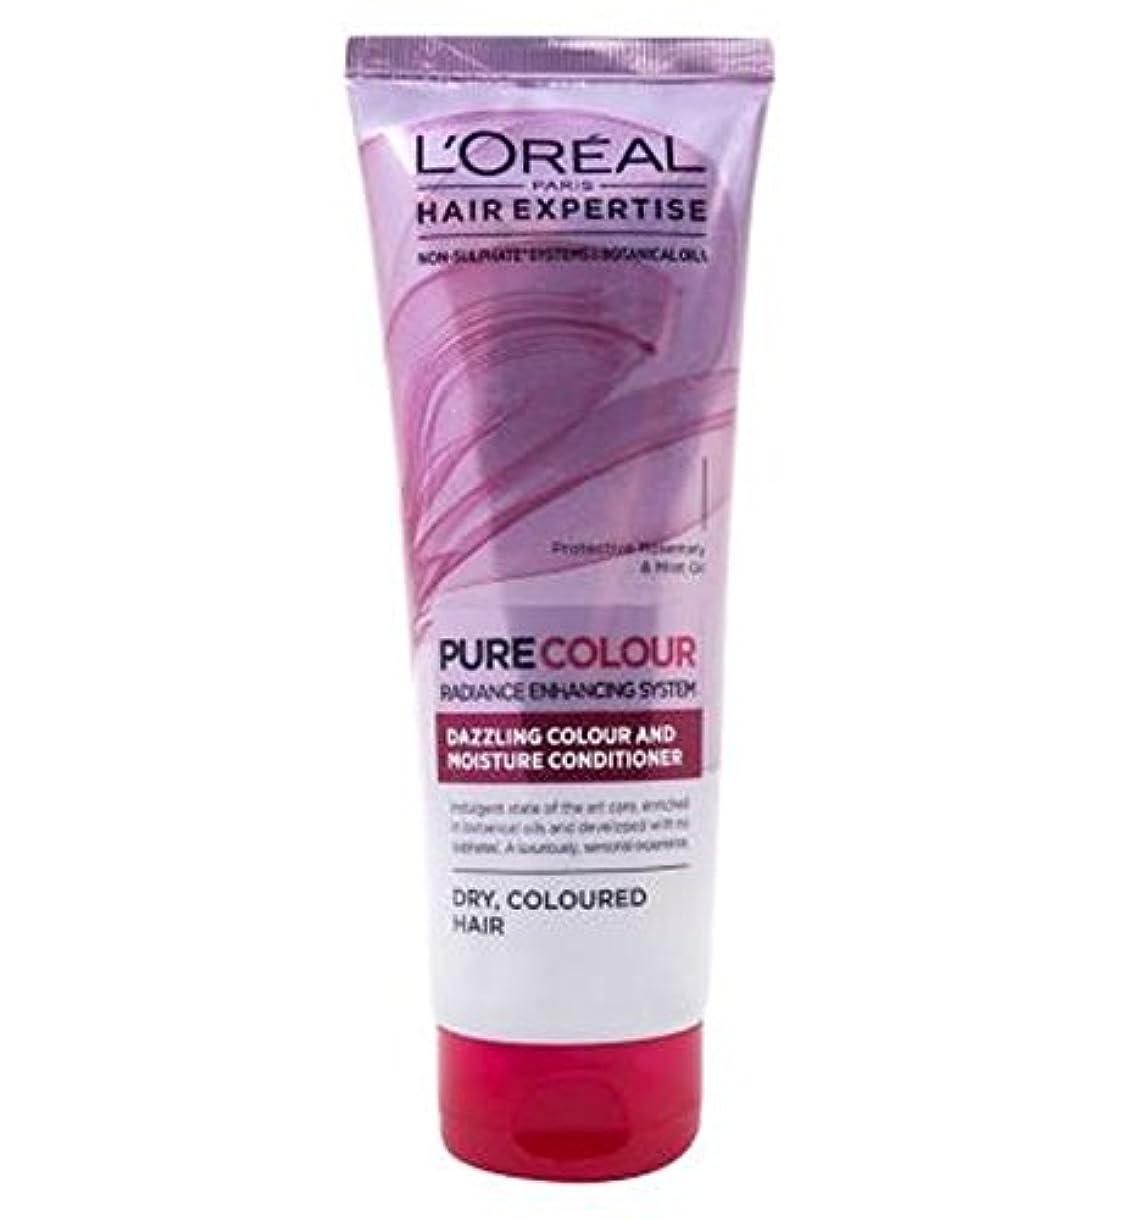 量で廃止する技術的なロレアルパリの髪の専門知識の超純粋なカラーケア&水分コンディショナー250Ml (L'Oreal) (x2) - L'Oreal Paris Hair Expertise SuperPure Colour Care &...